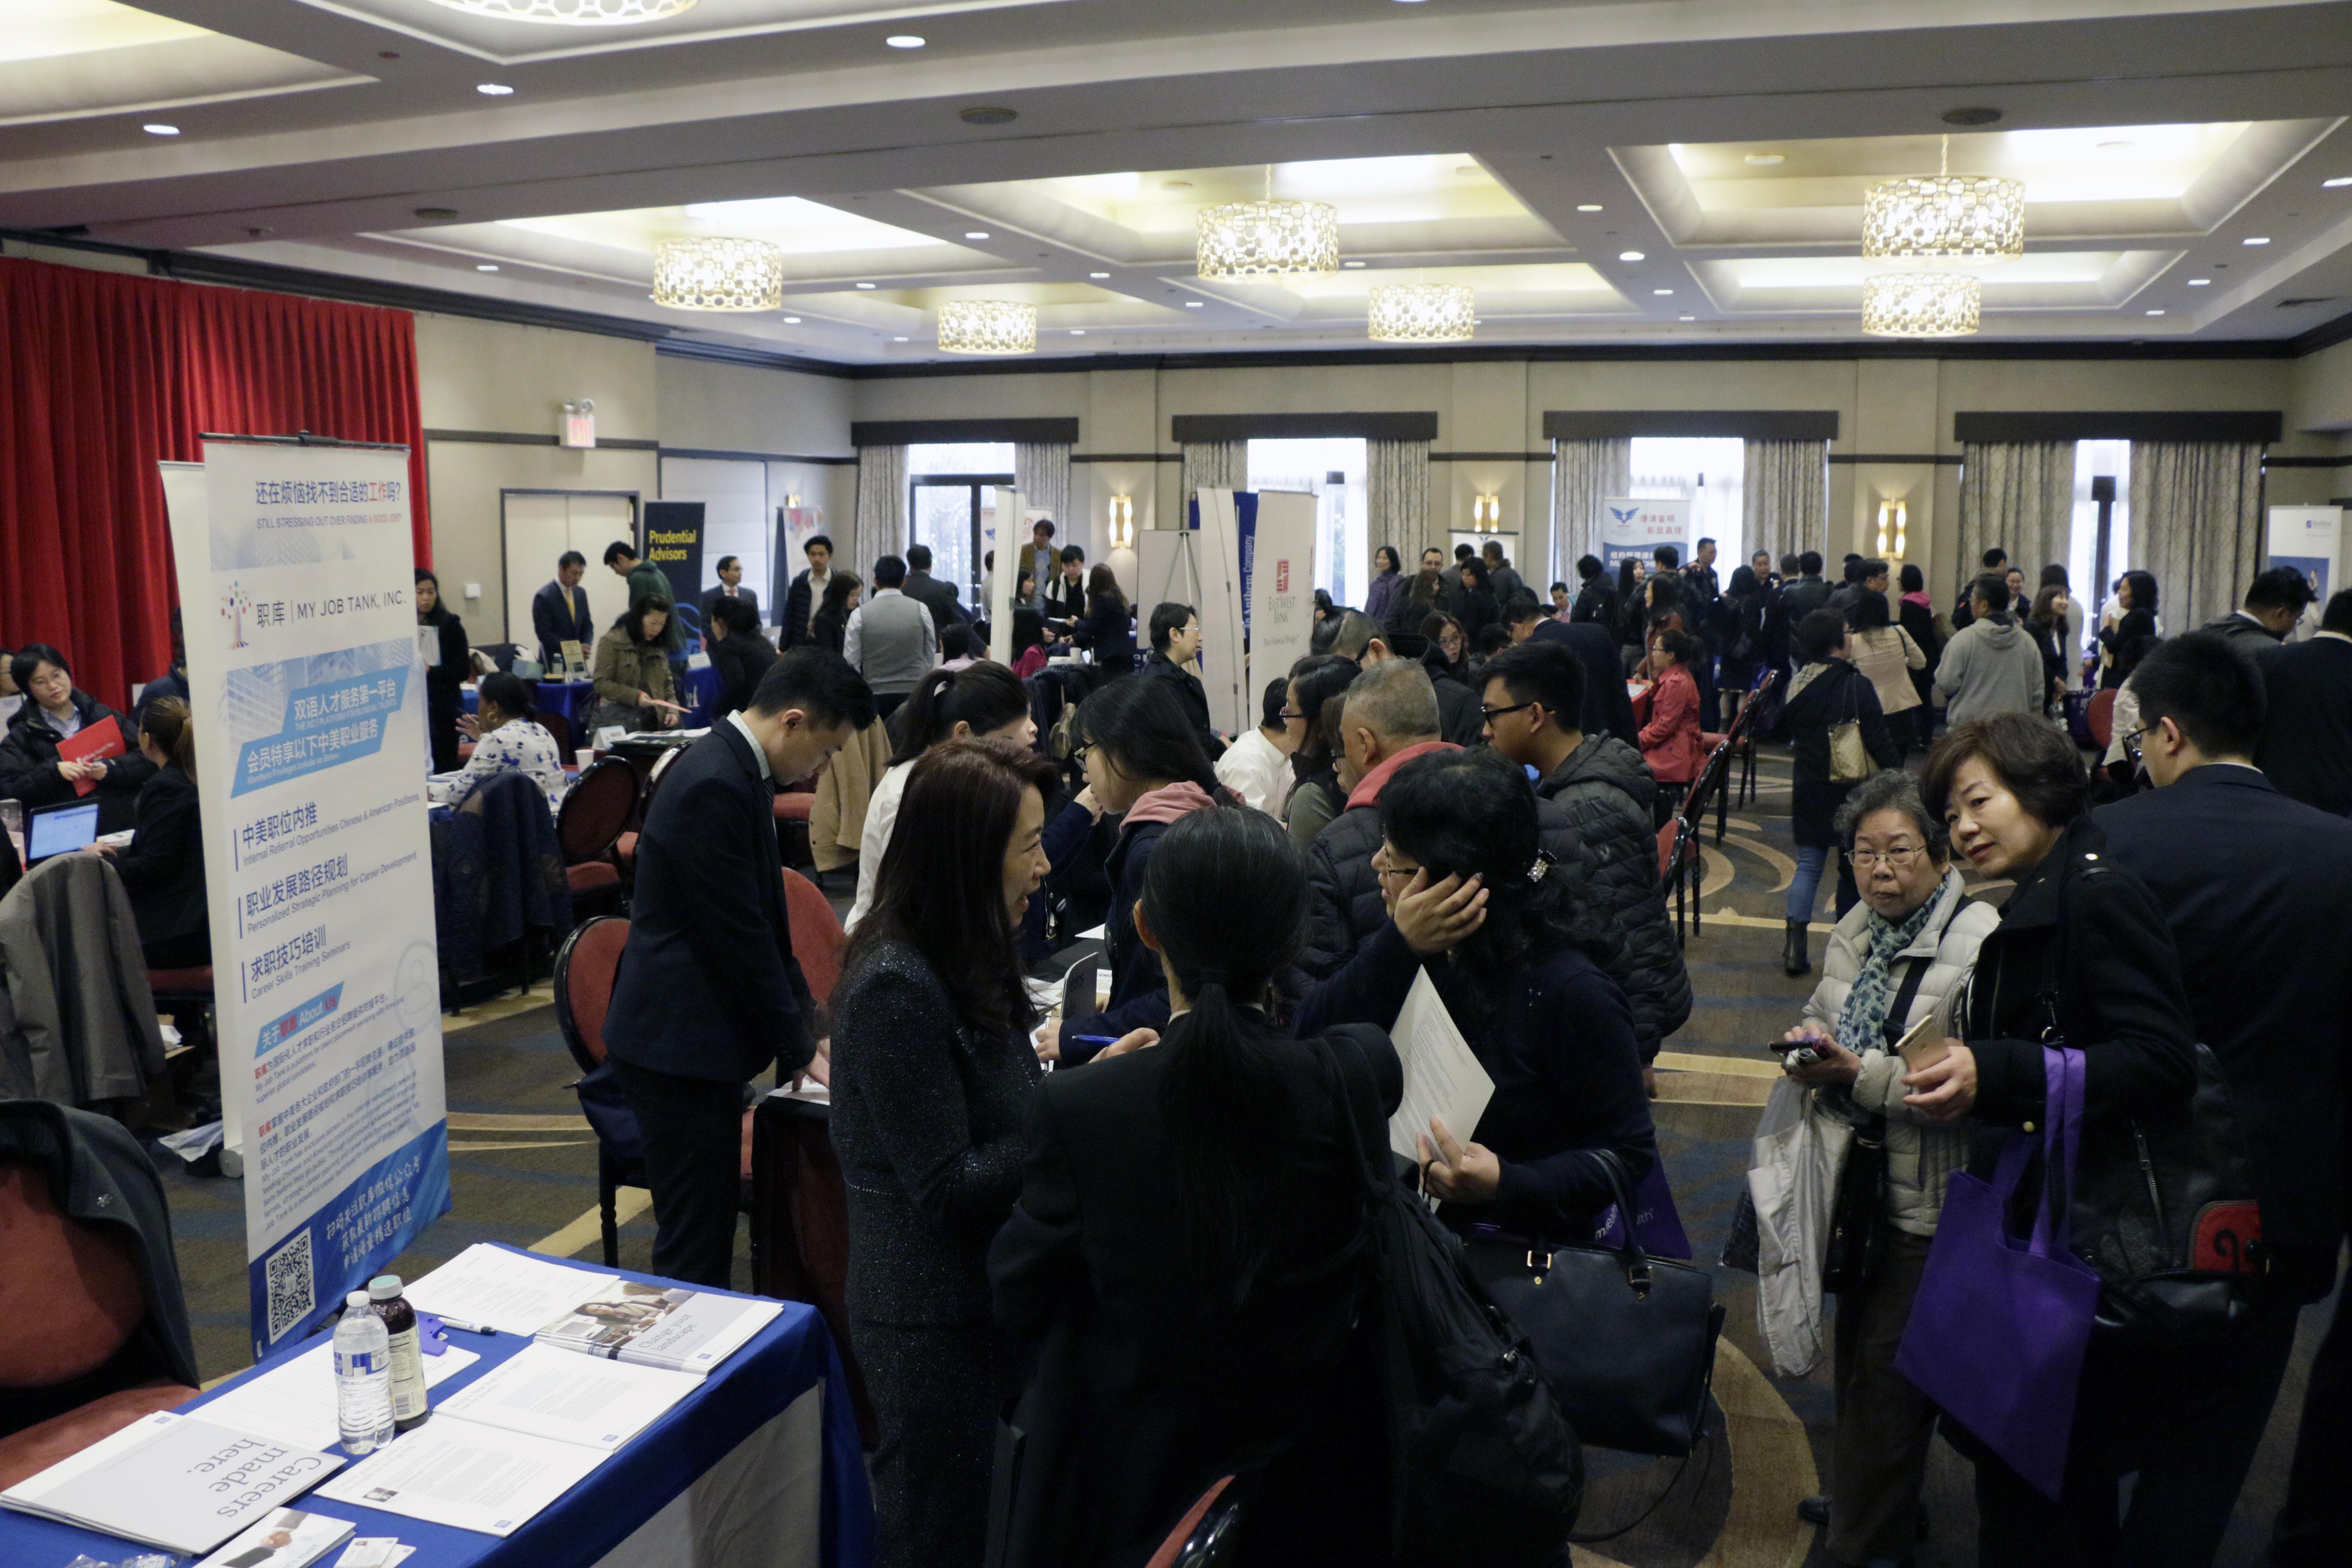 活動當天吸引數百位求職者前來參加